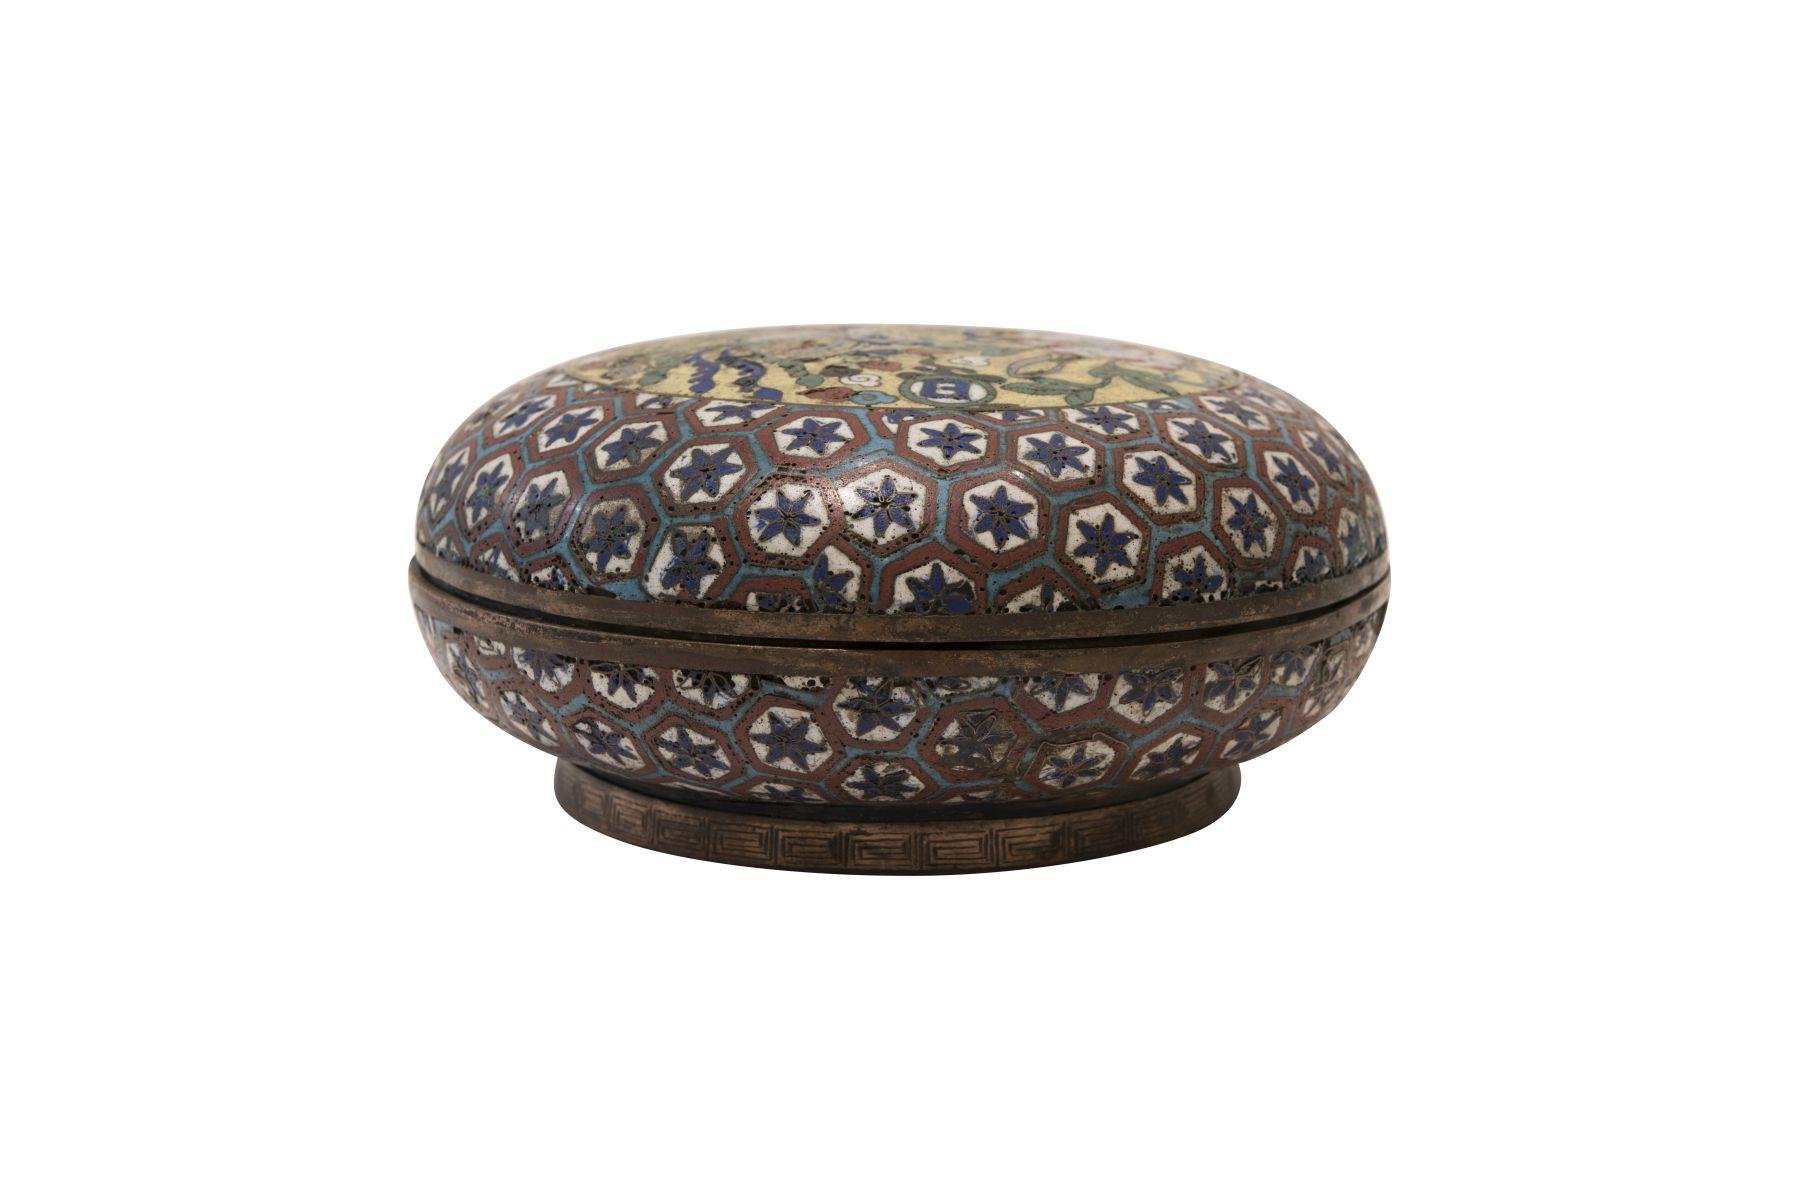 #17 Cloisonné jar. | Cloisonné-Dose. Image